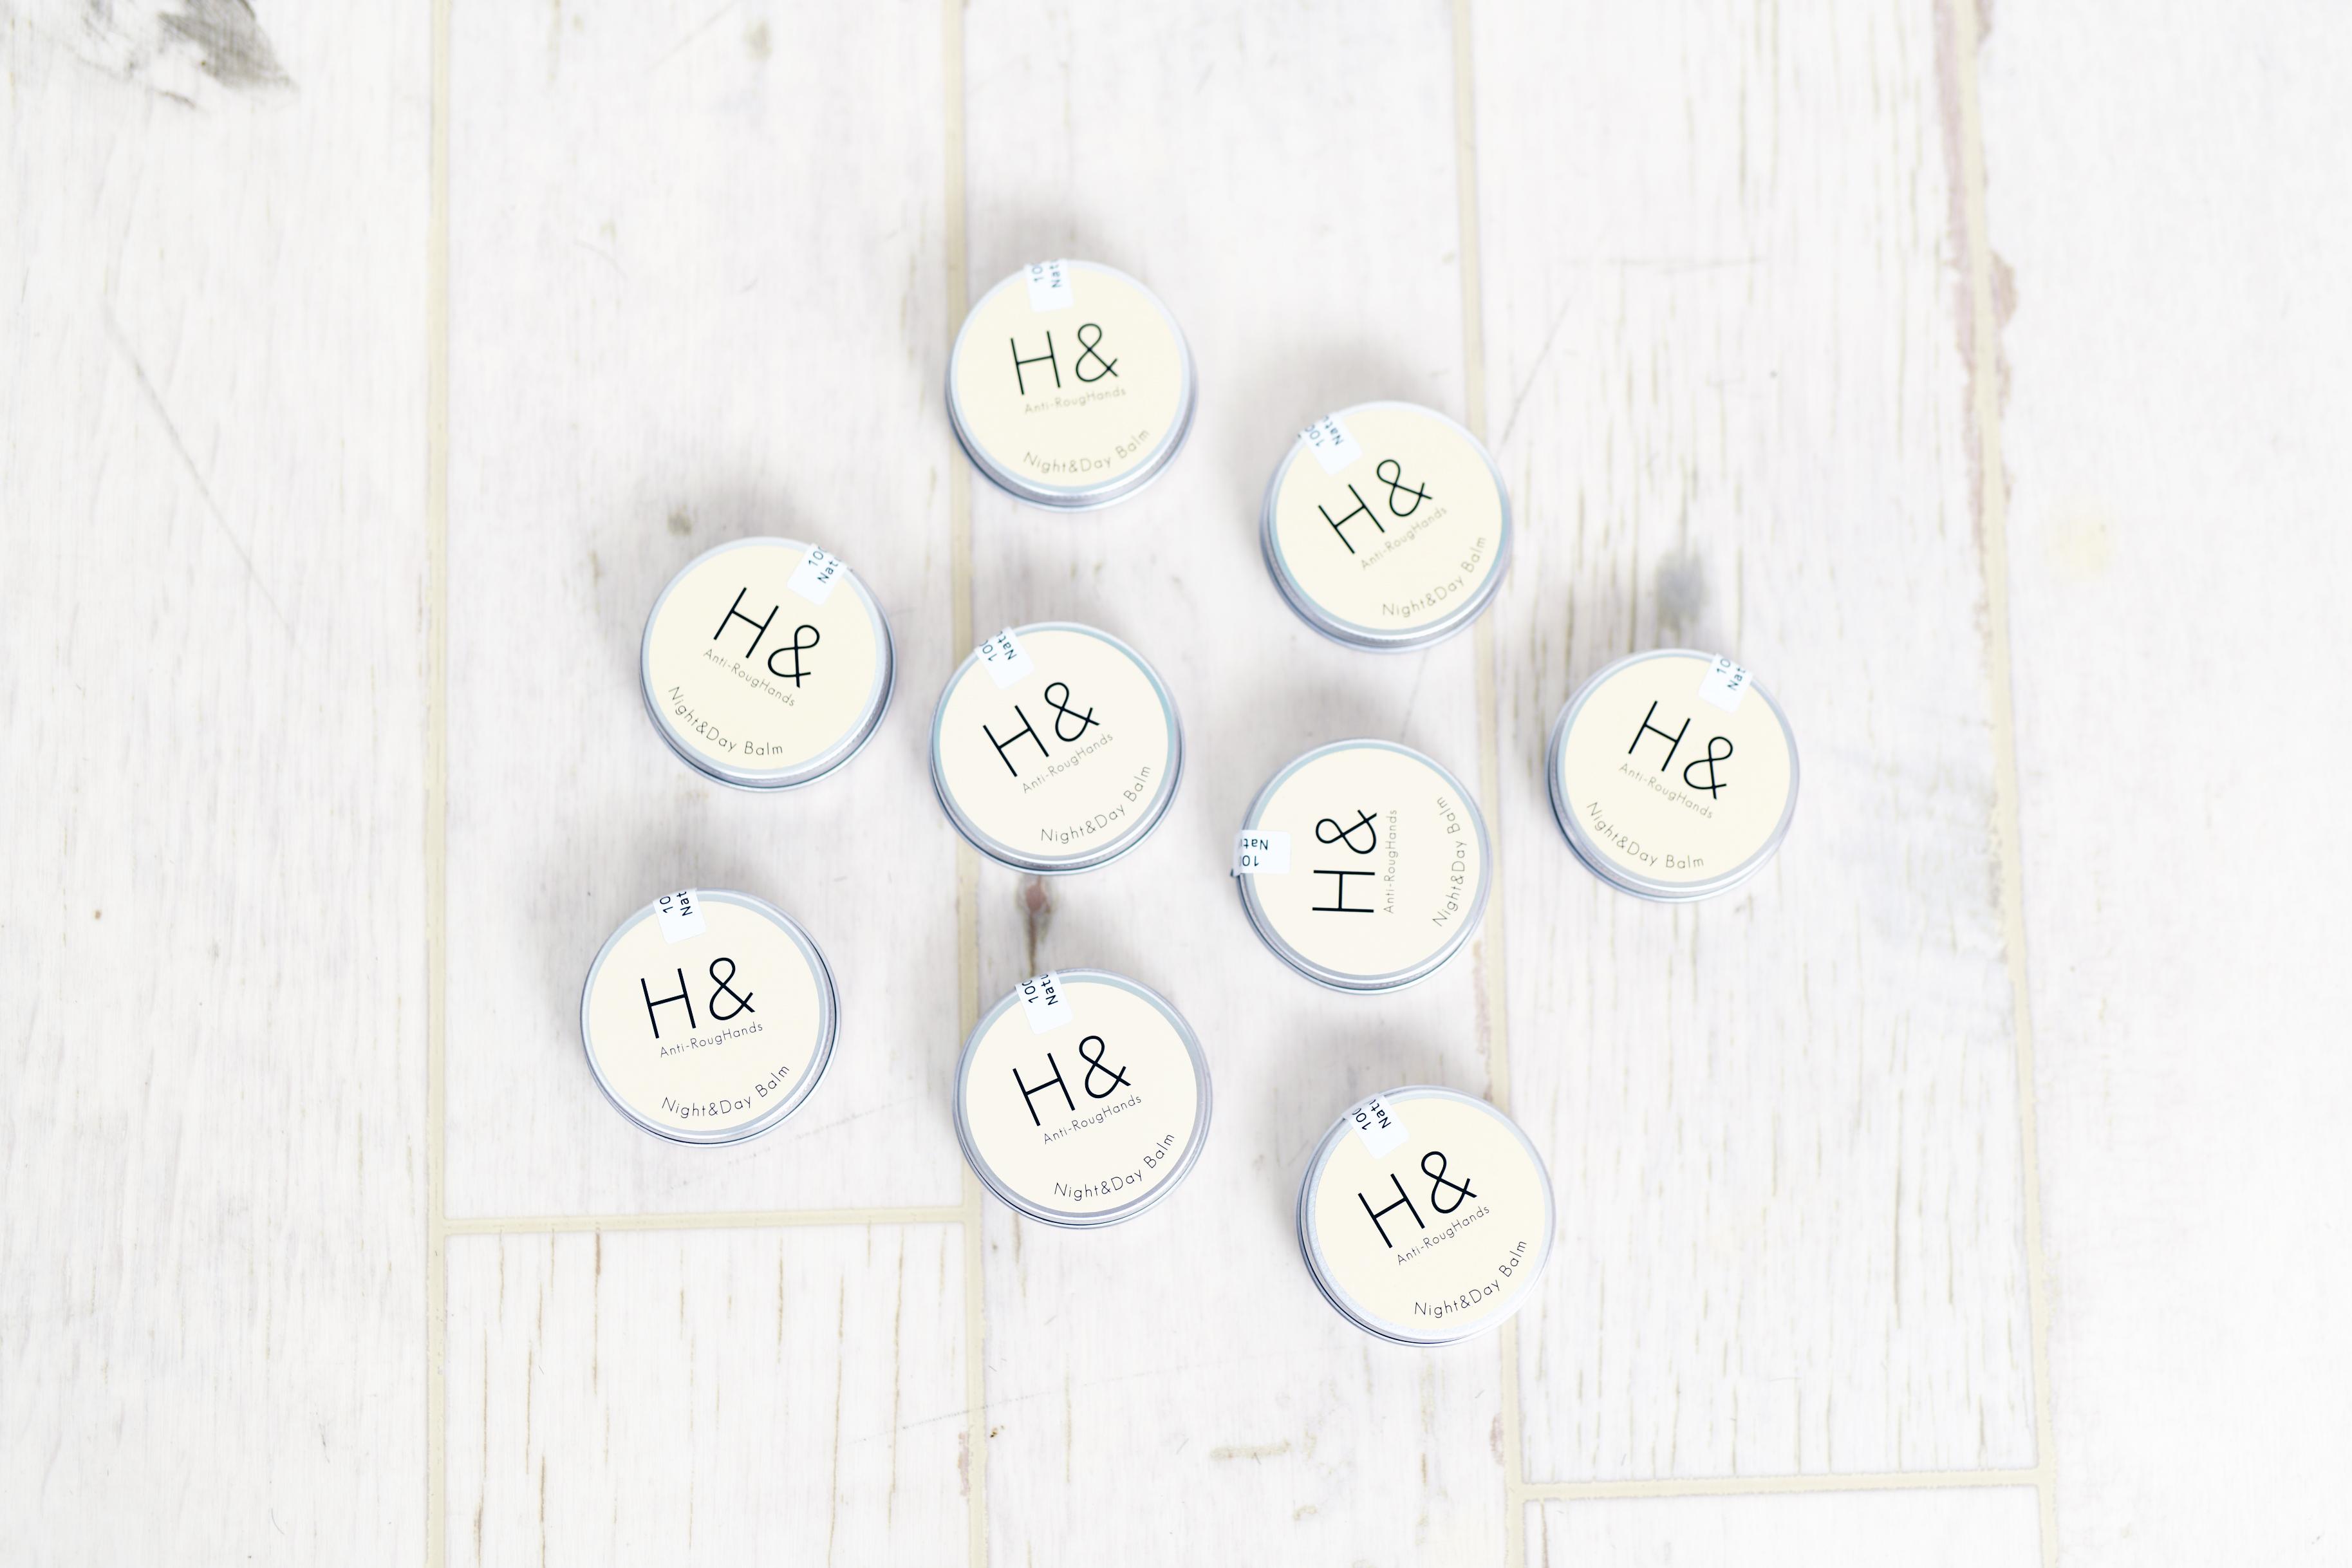 H&(ハンド)-anti-roughand-の凄さの解説 100%ナチュラルでアトピー改善や手あれ改善や肌あれ改善するナイトアンドデイバーム